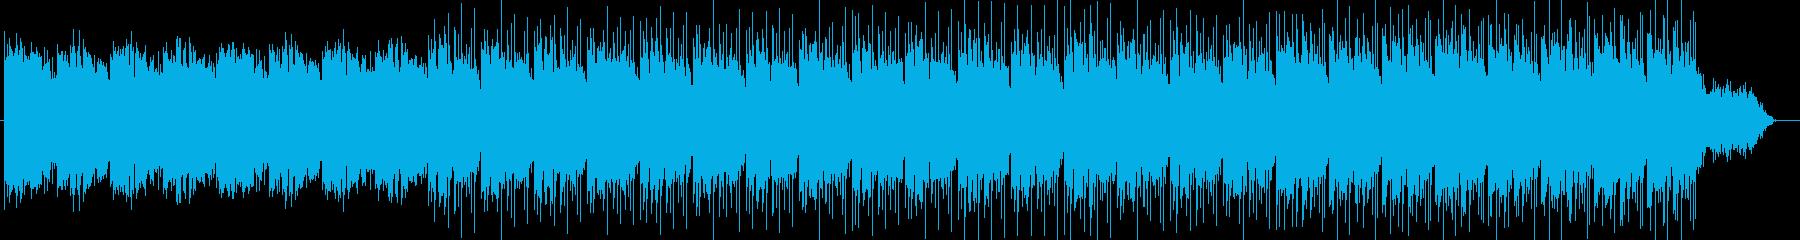 ドキュメント 情報 謎 追跡 スリルの再生済みの波形